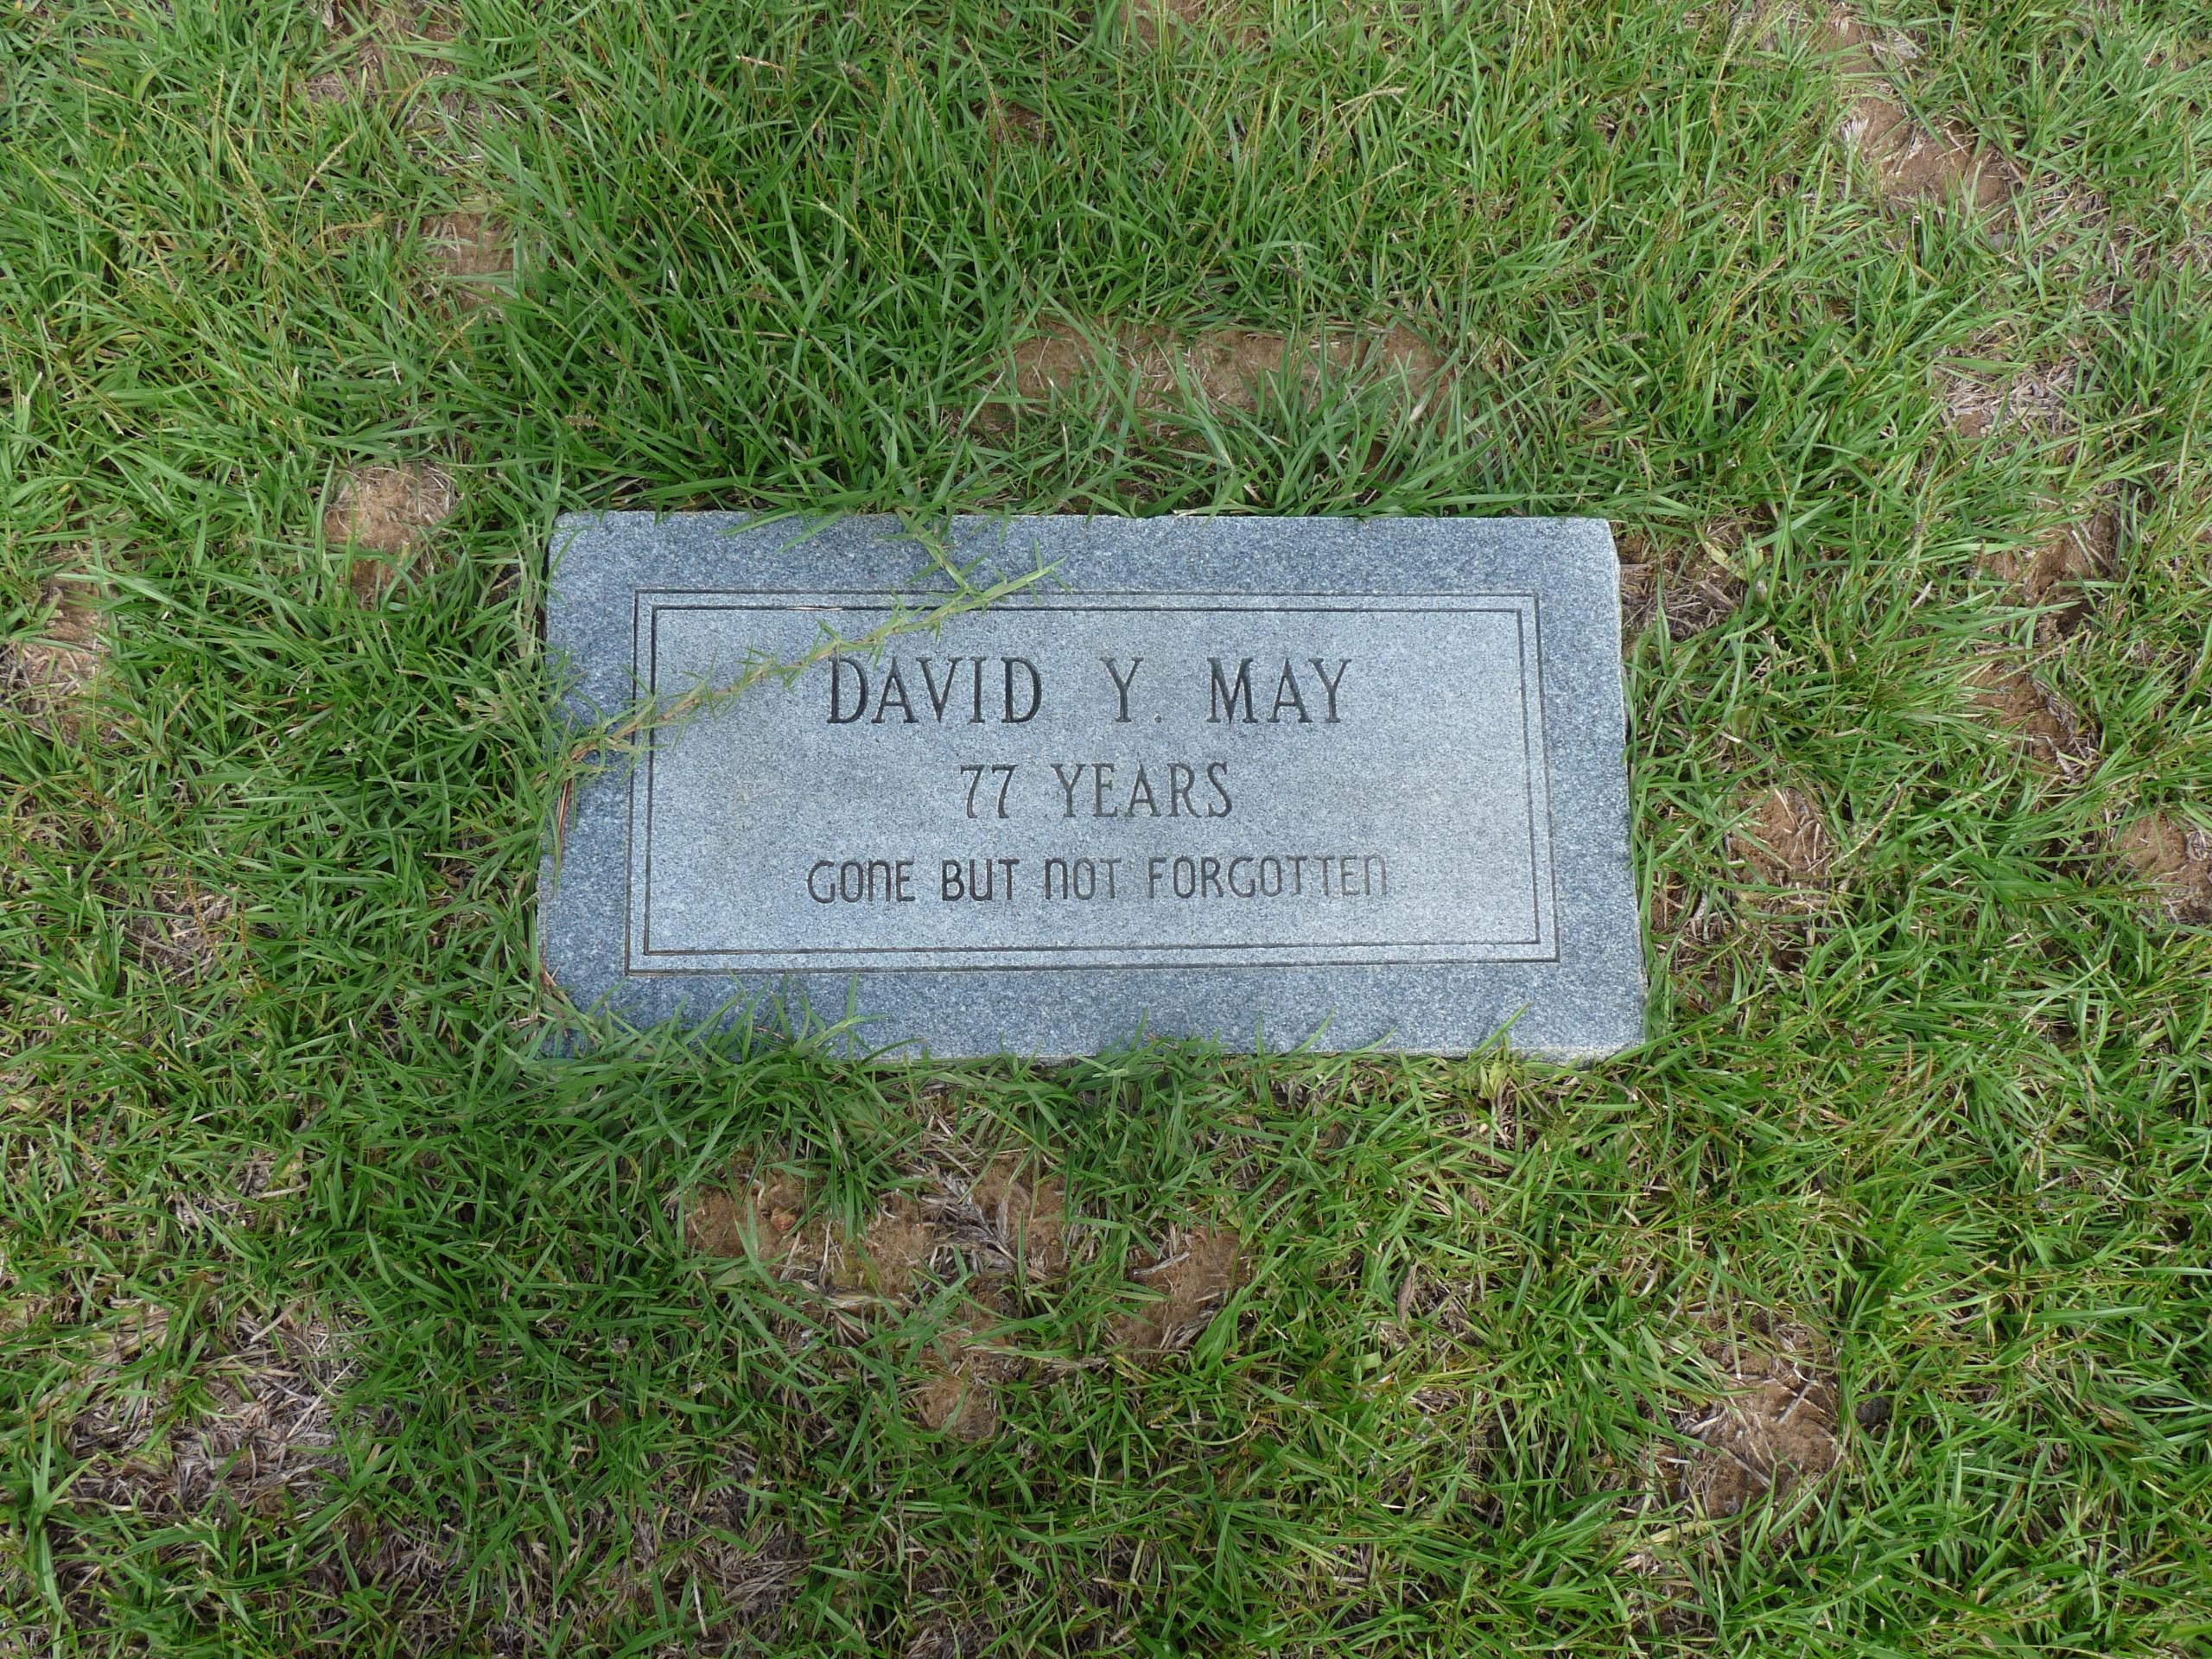 David Young May